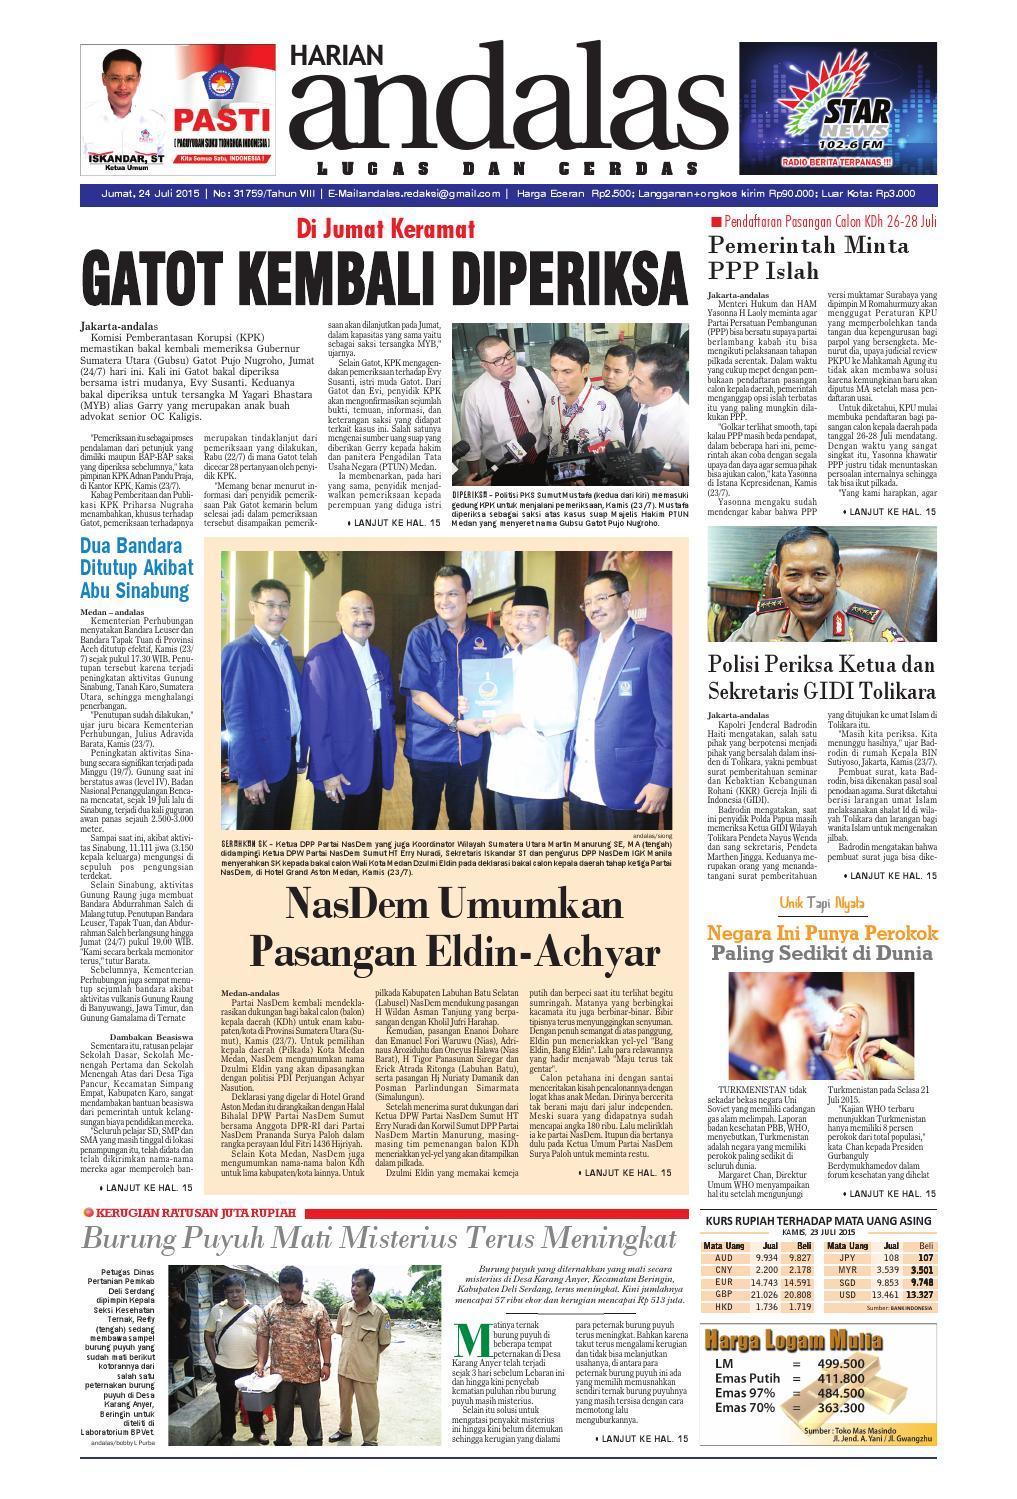 Epaper andalas edisi jumat 24 juli 2015 by media andalas - issuu